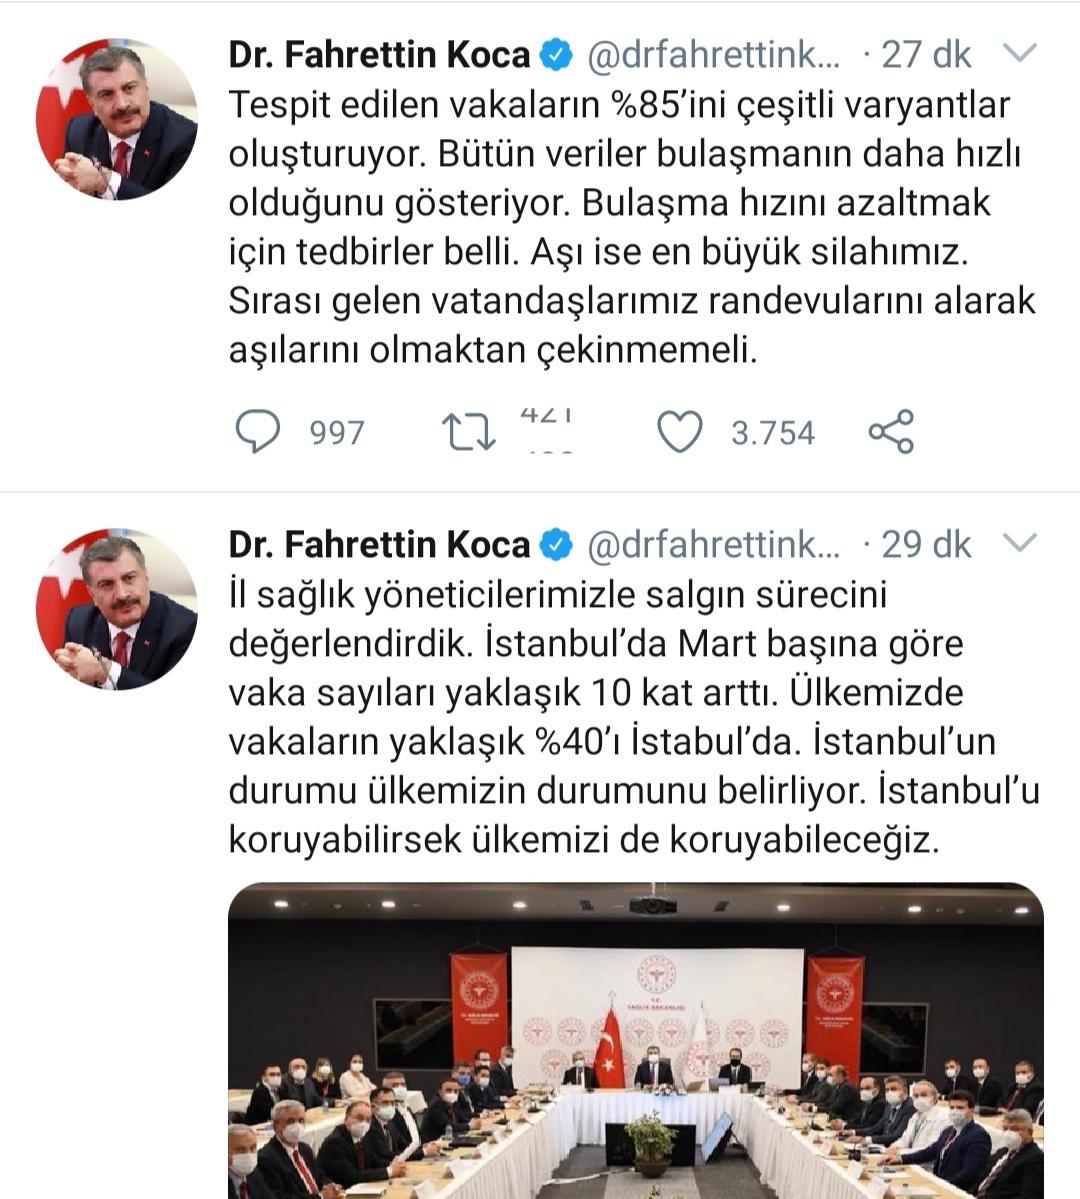 'İstanbul'da Mart başına göre vaka sayıları yaklaşık 10 kat arttı'